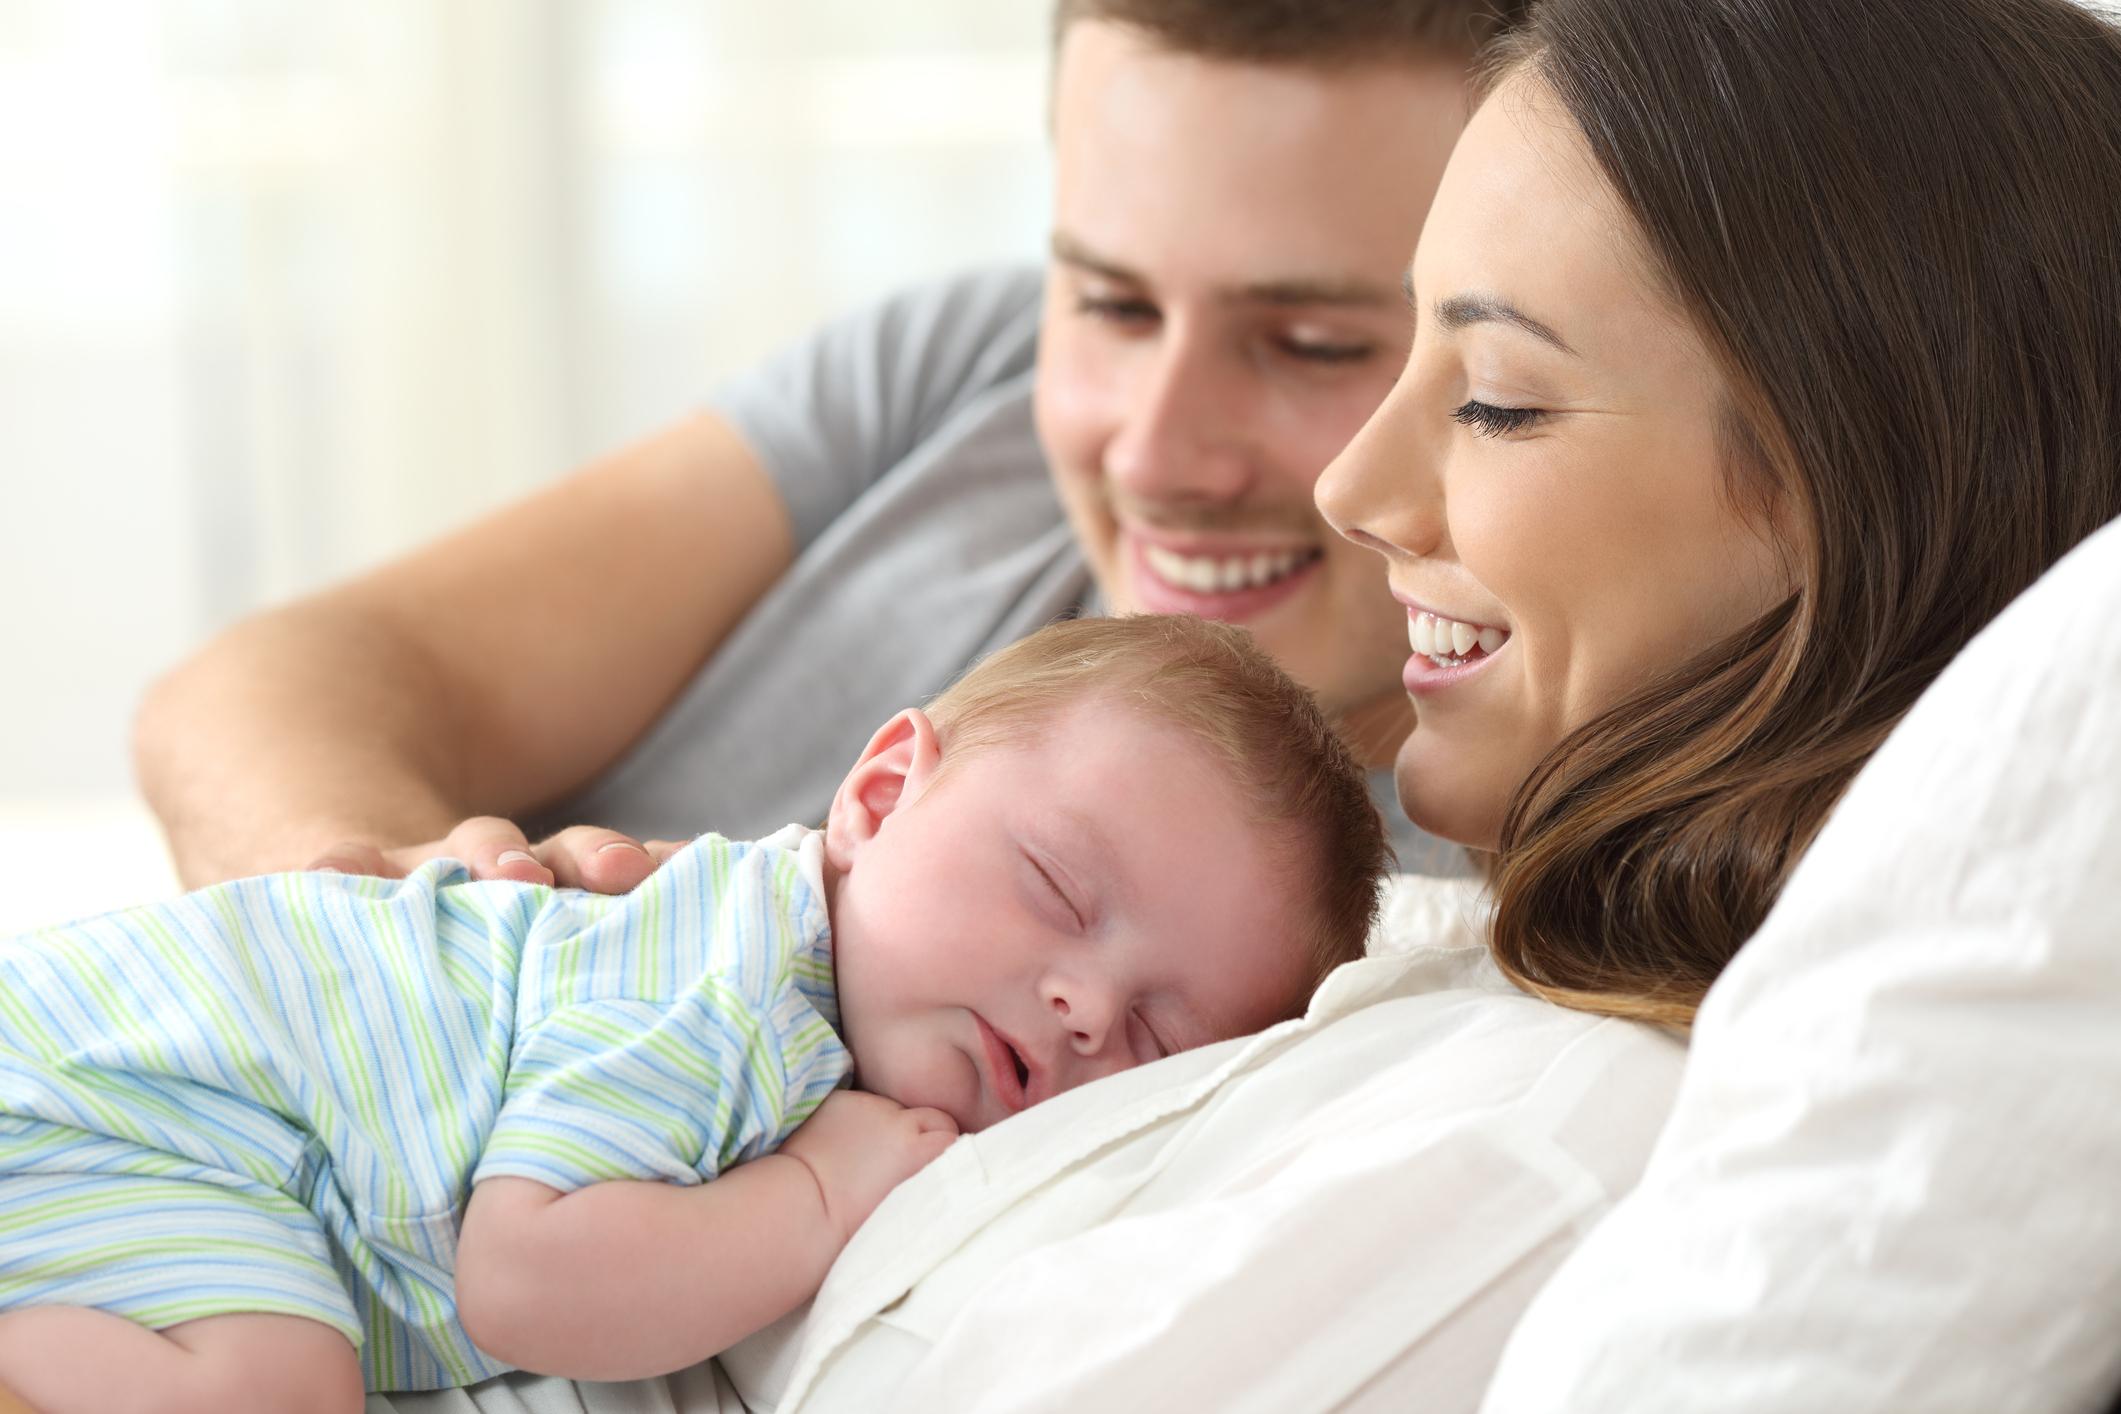 Що можна дізнатися про свого партнера після появи загального дитини